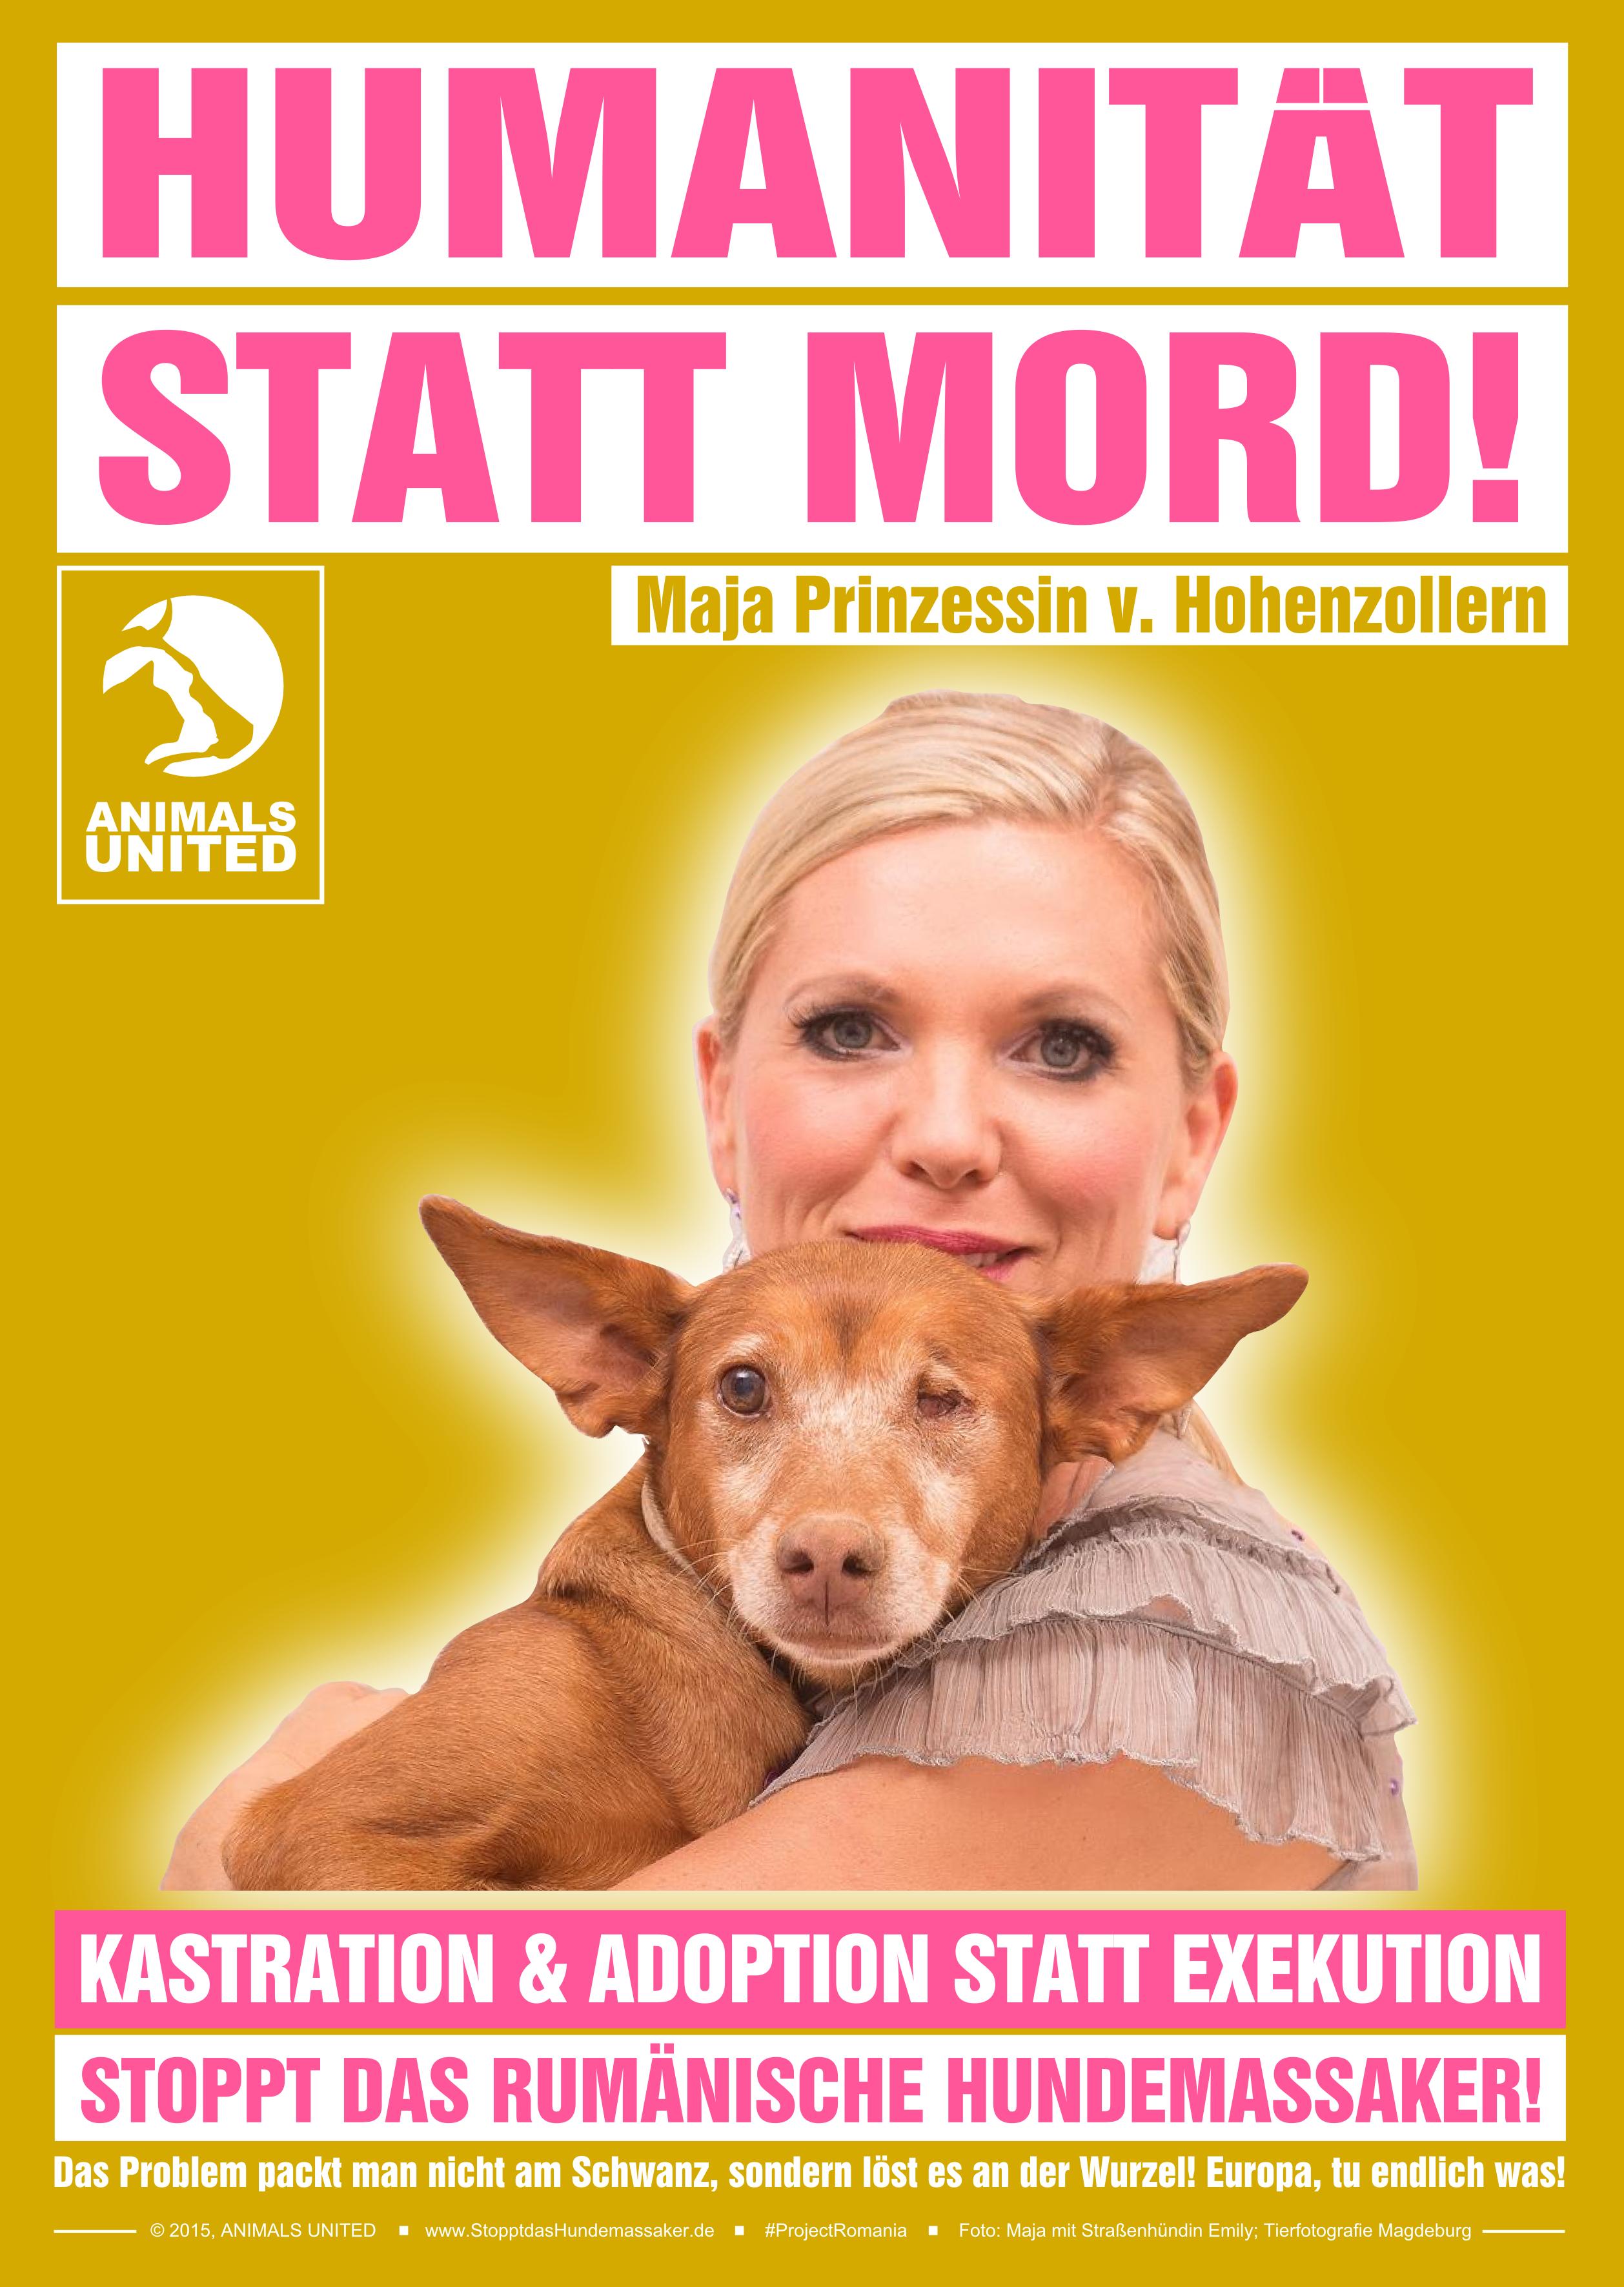 Maja Prinzessin von Hohenzollern gegen das Hundemassaker